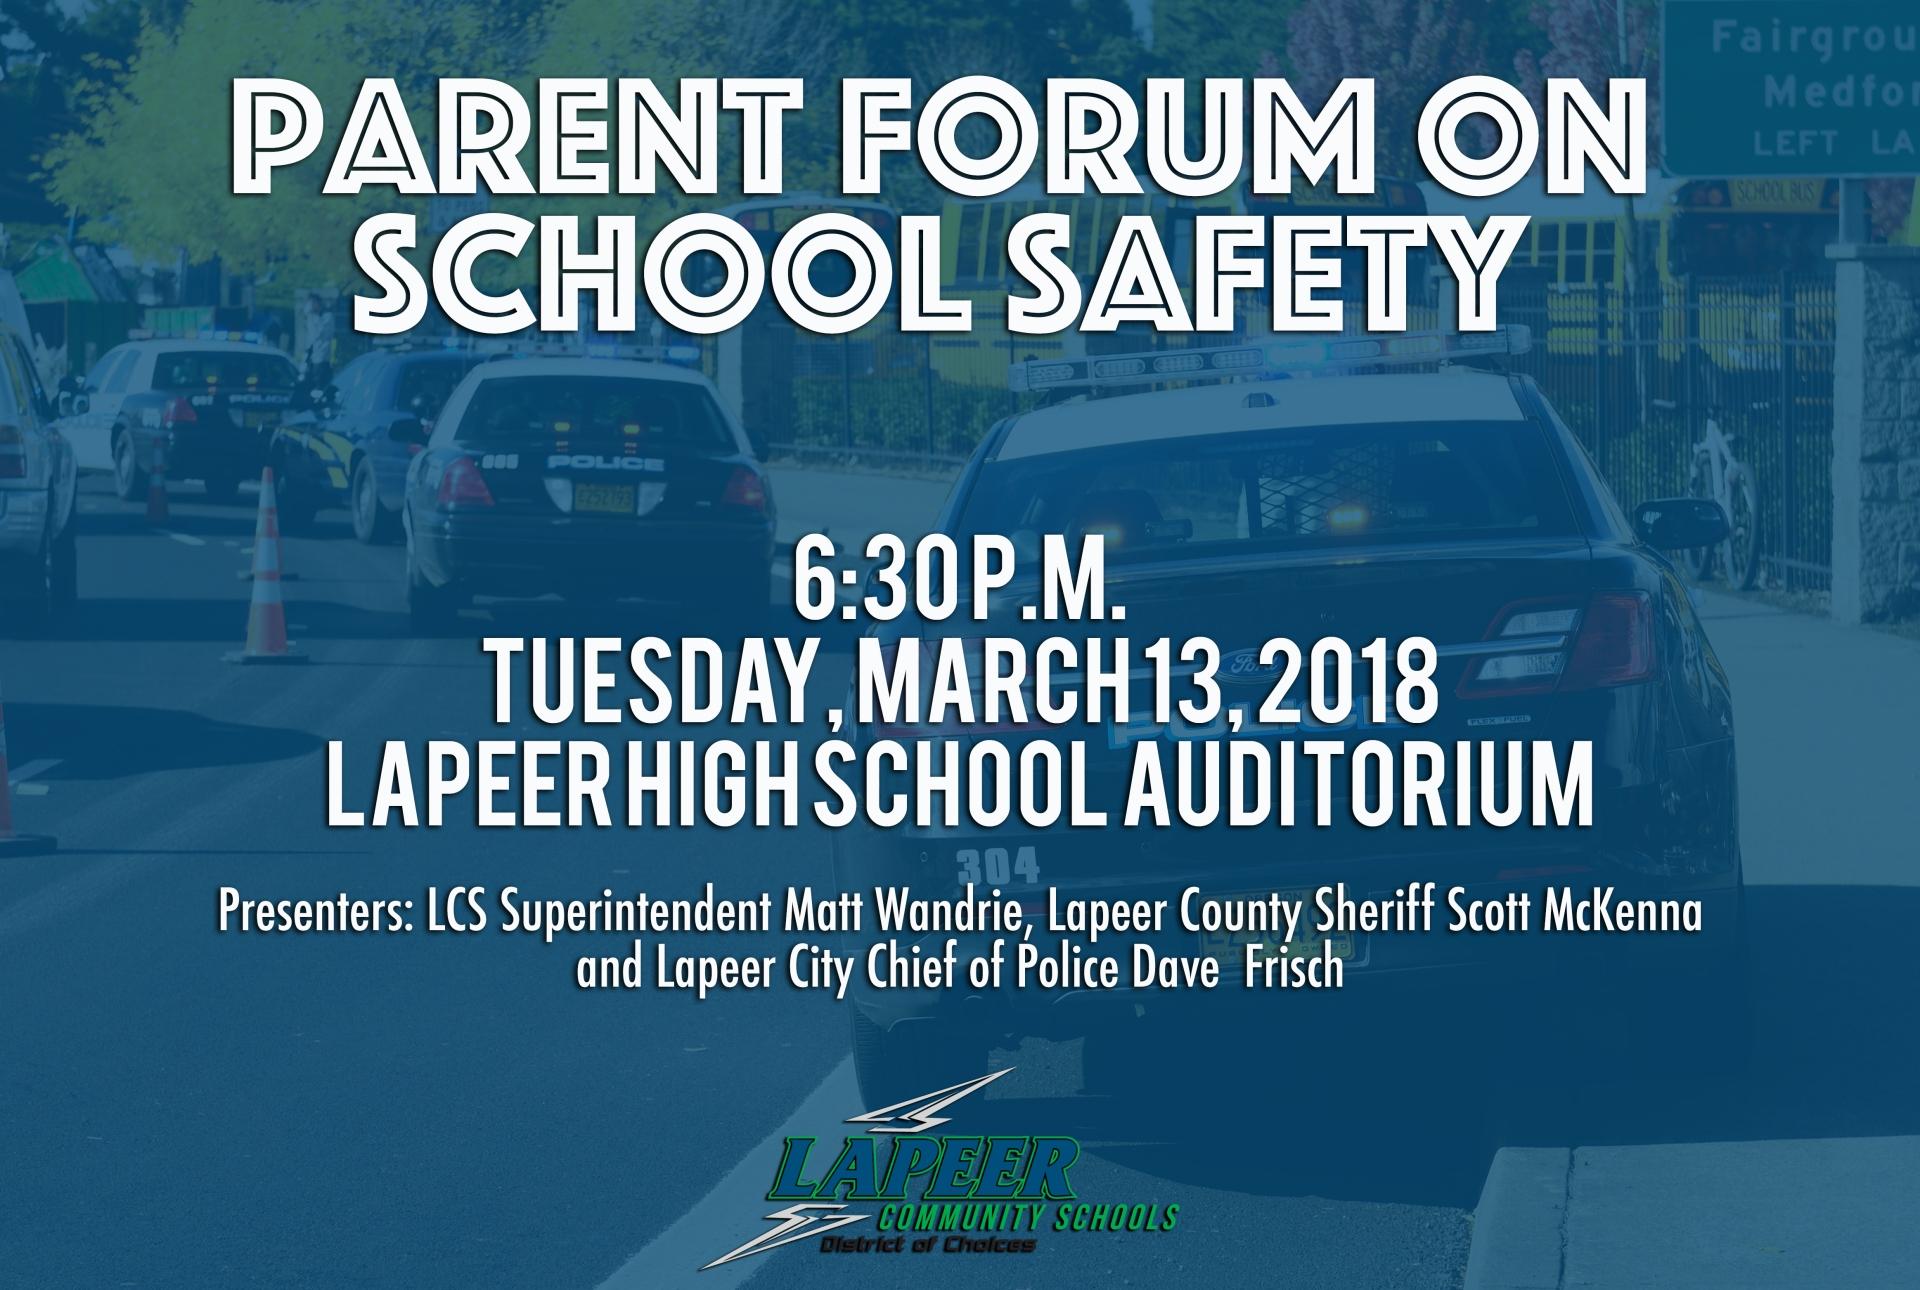 school safety forum